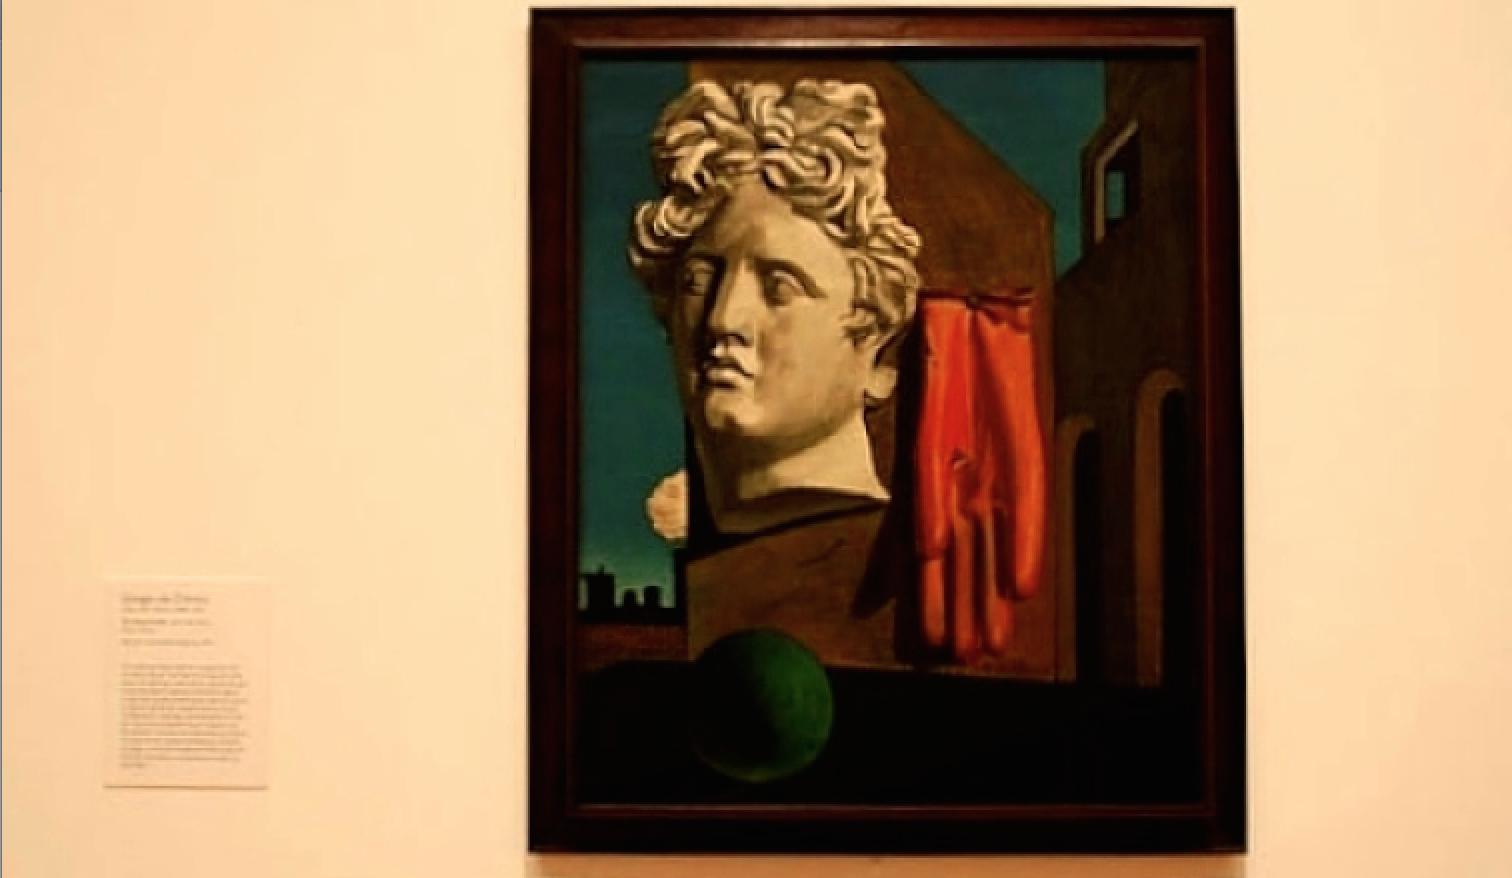 Gratis a MoMA. Il museo newyorkese pronto a riaprire il 27 agosto